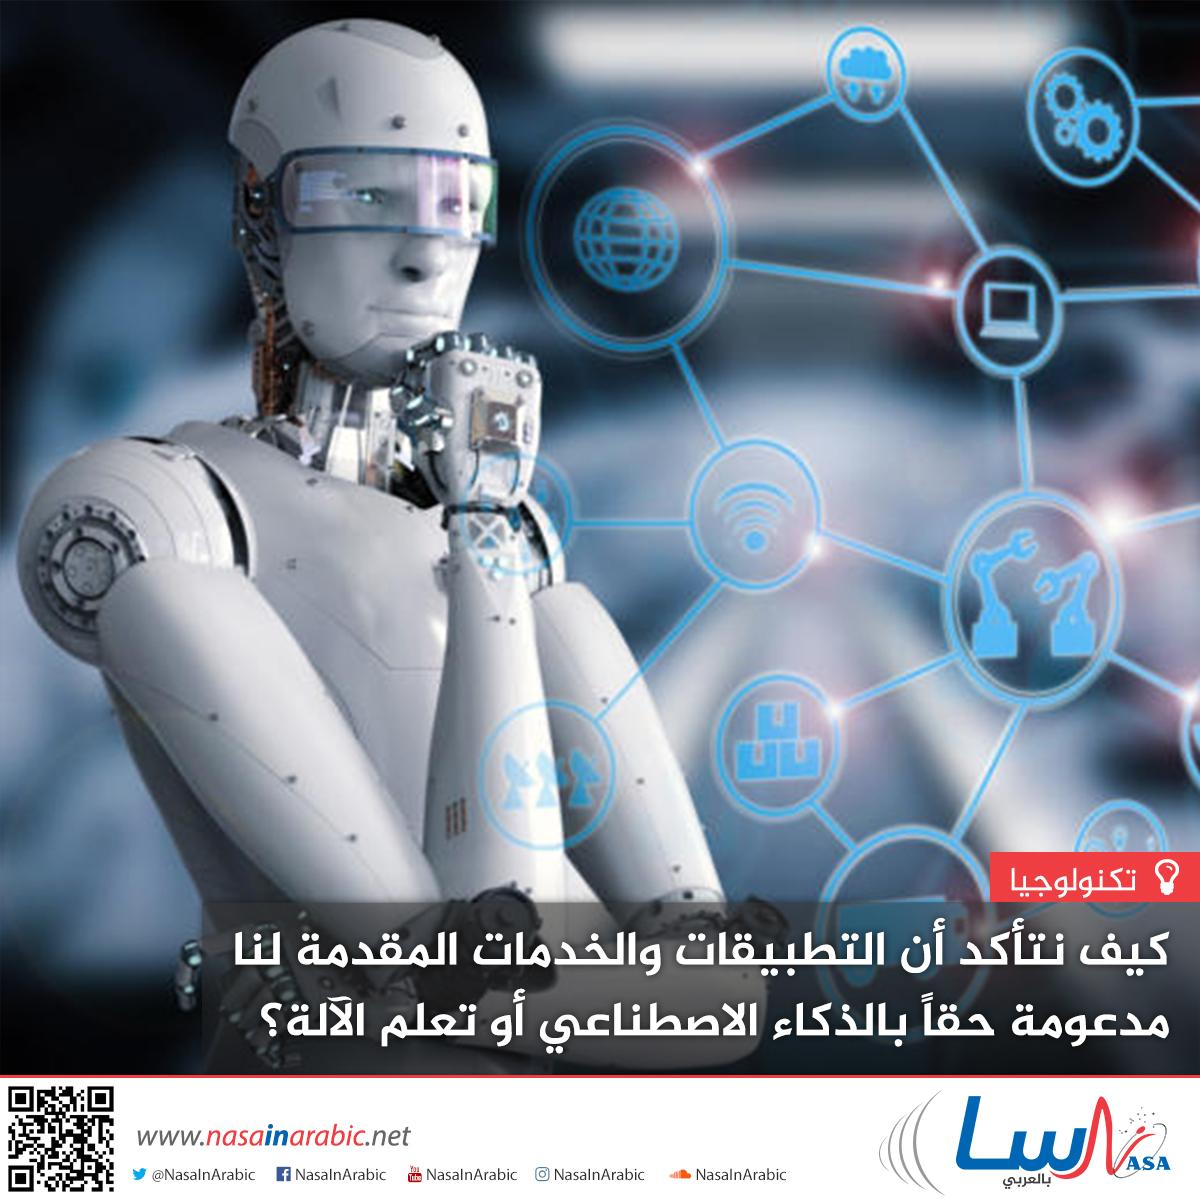 كيف نتأكد أن التطبيقات والخدمات المقدمة لنا مدعومة حقاً بالذكاء الاصطناعي أو تعلم الآلة؟